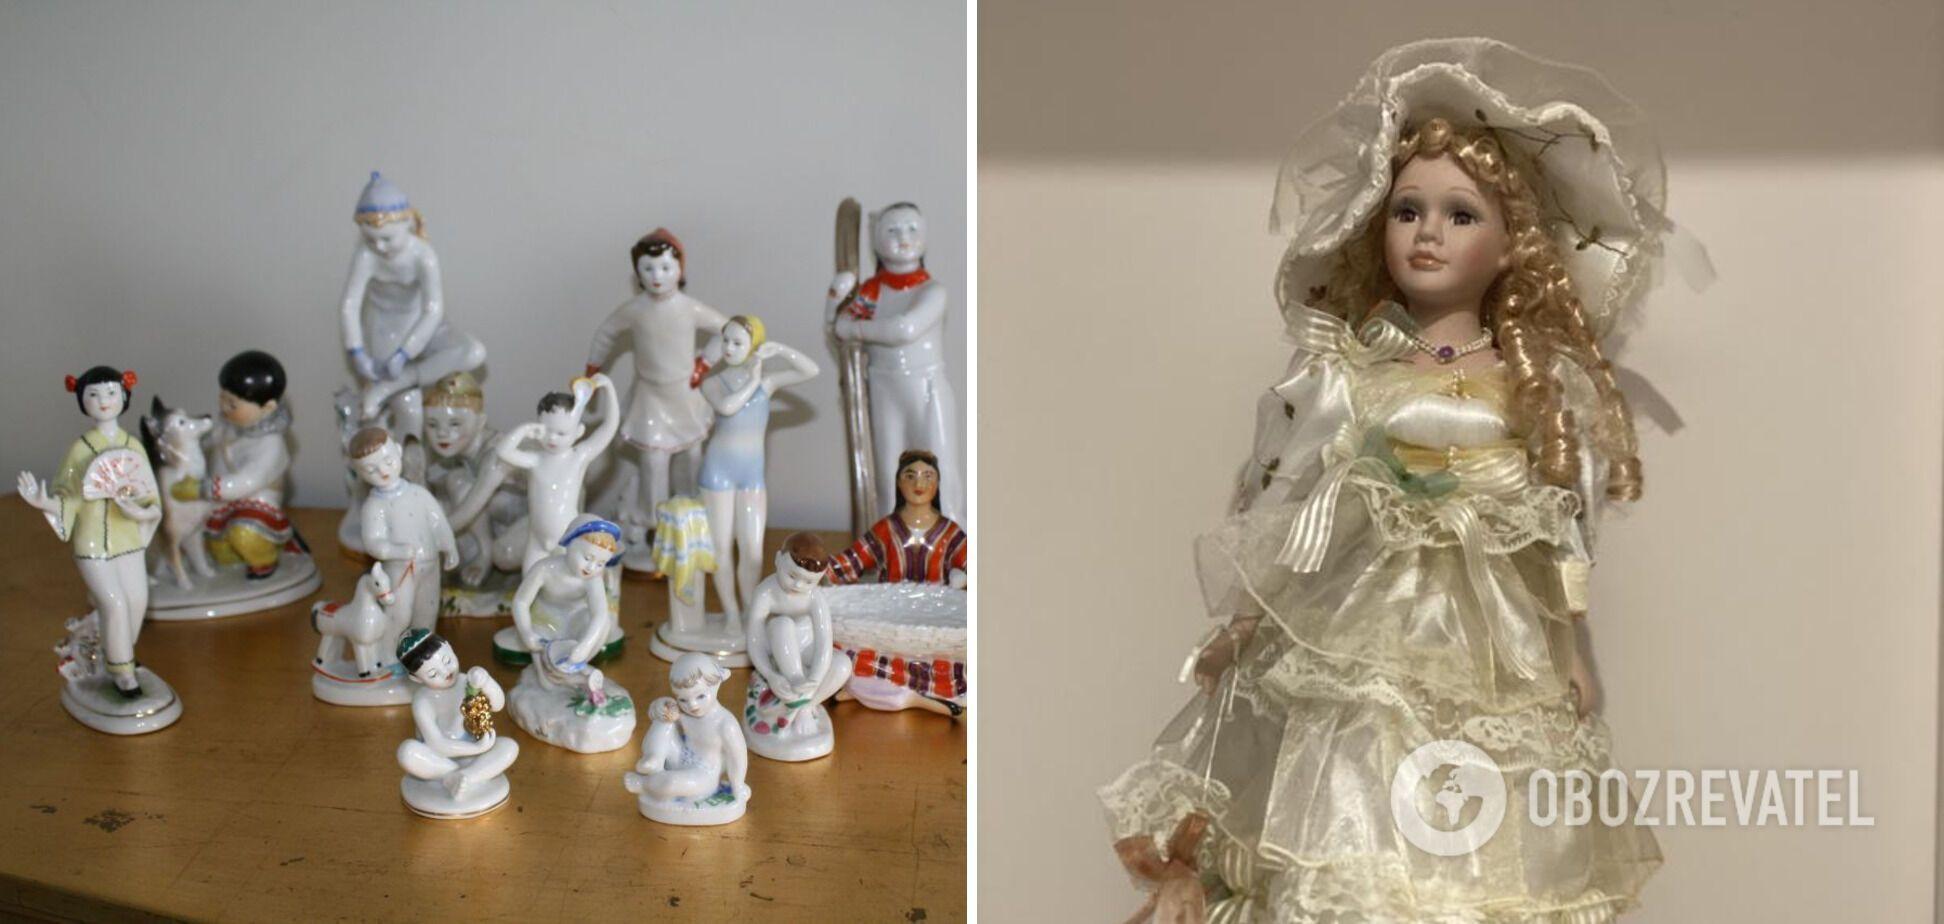 Фарфоровые статуэтки дорого стоят.